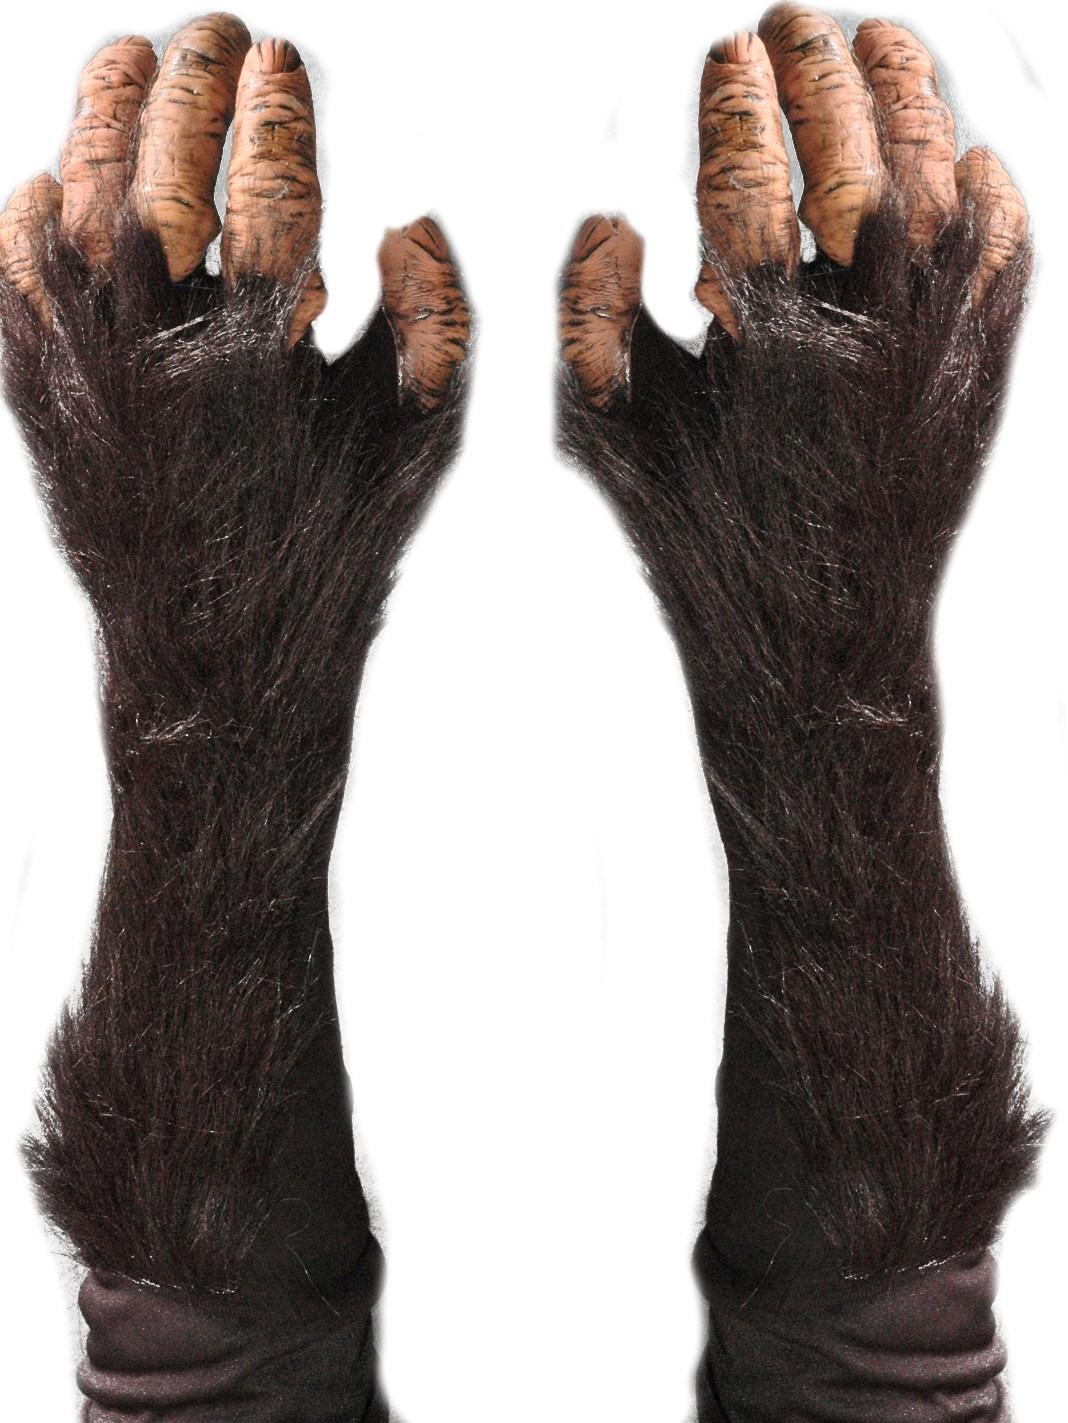 Image of Adult Chimp Gloves